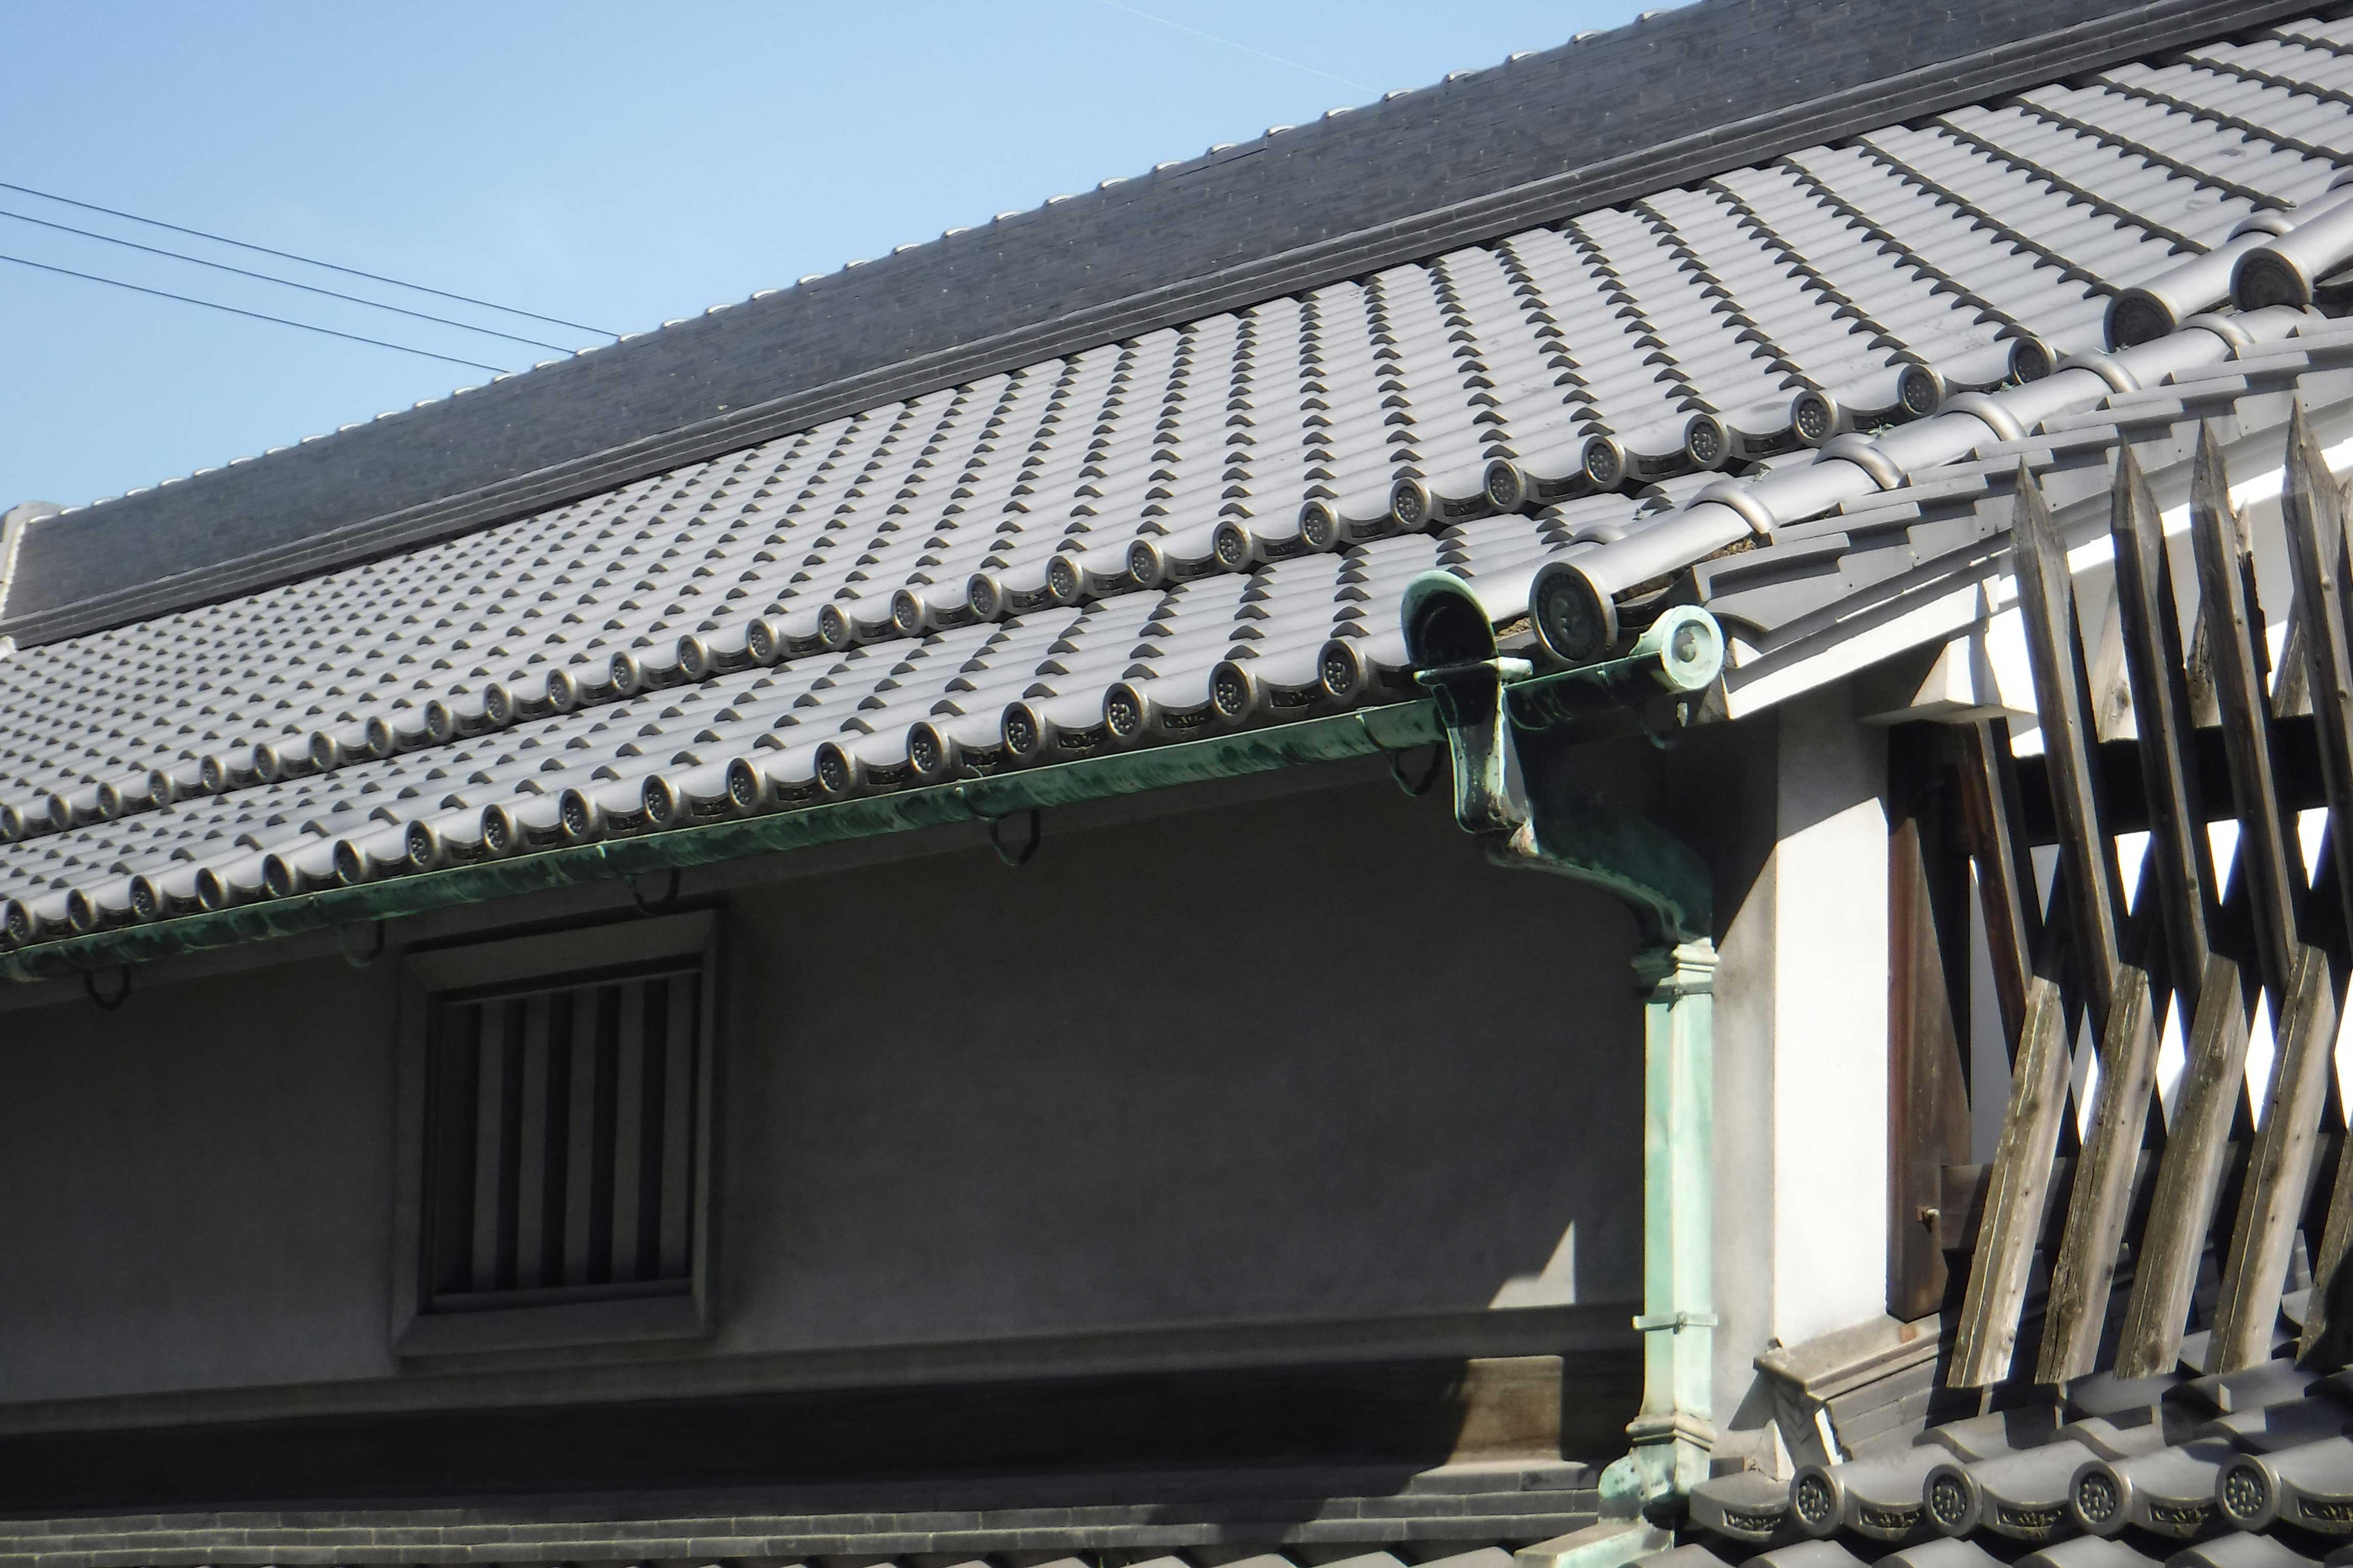 <p>主屋 屋根のしころ葺き</p>もと本瓦葺きであったが、しころ葺きは変えずに桟瓦に葺き替えた。